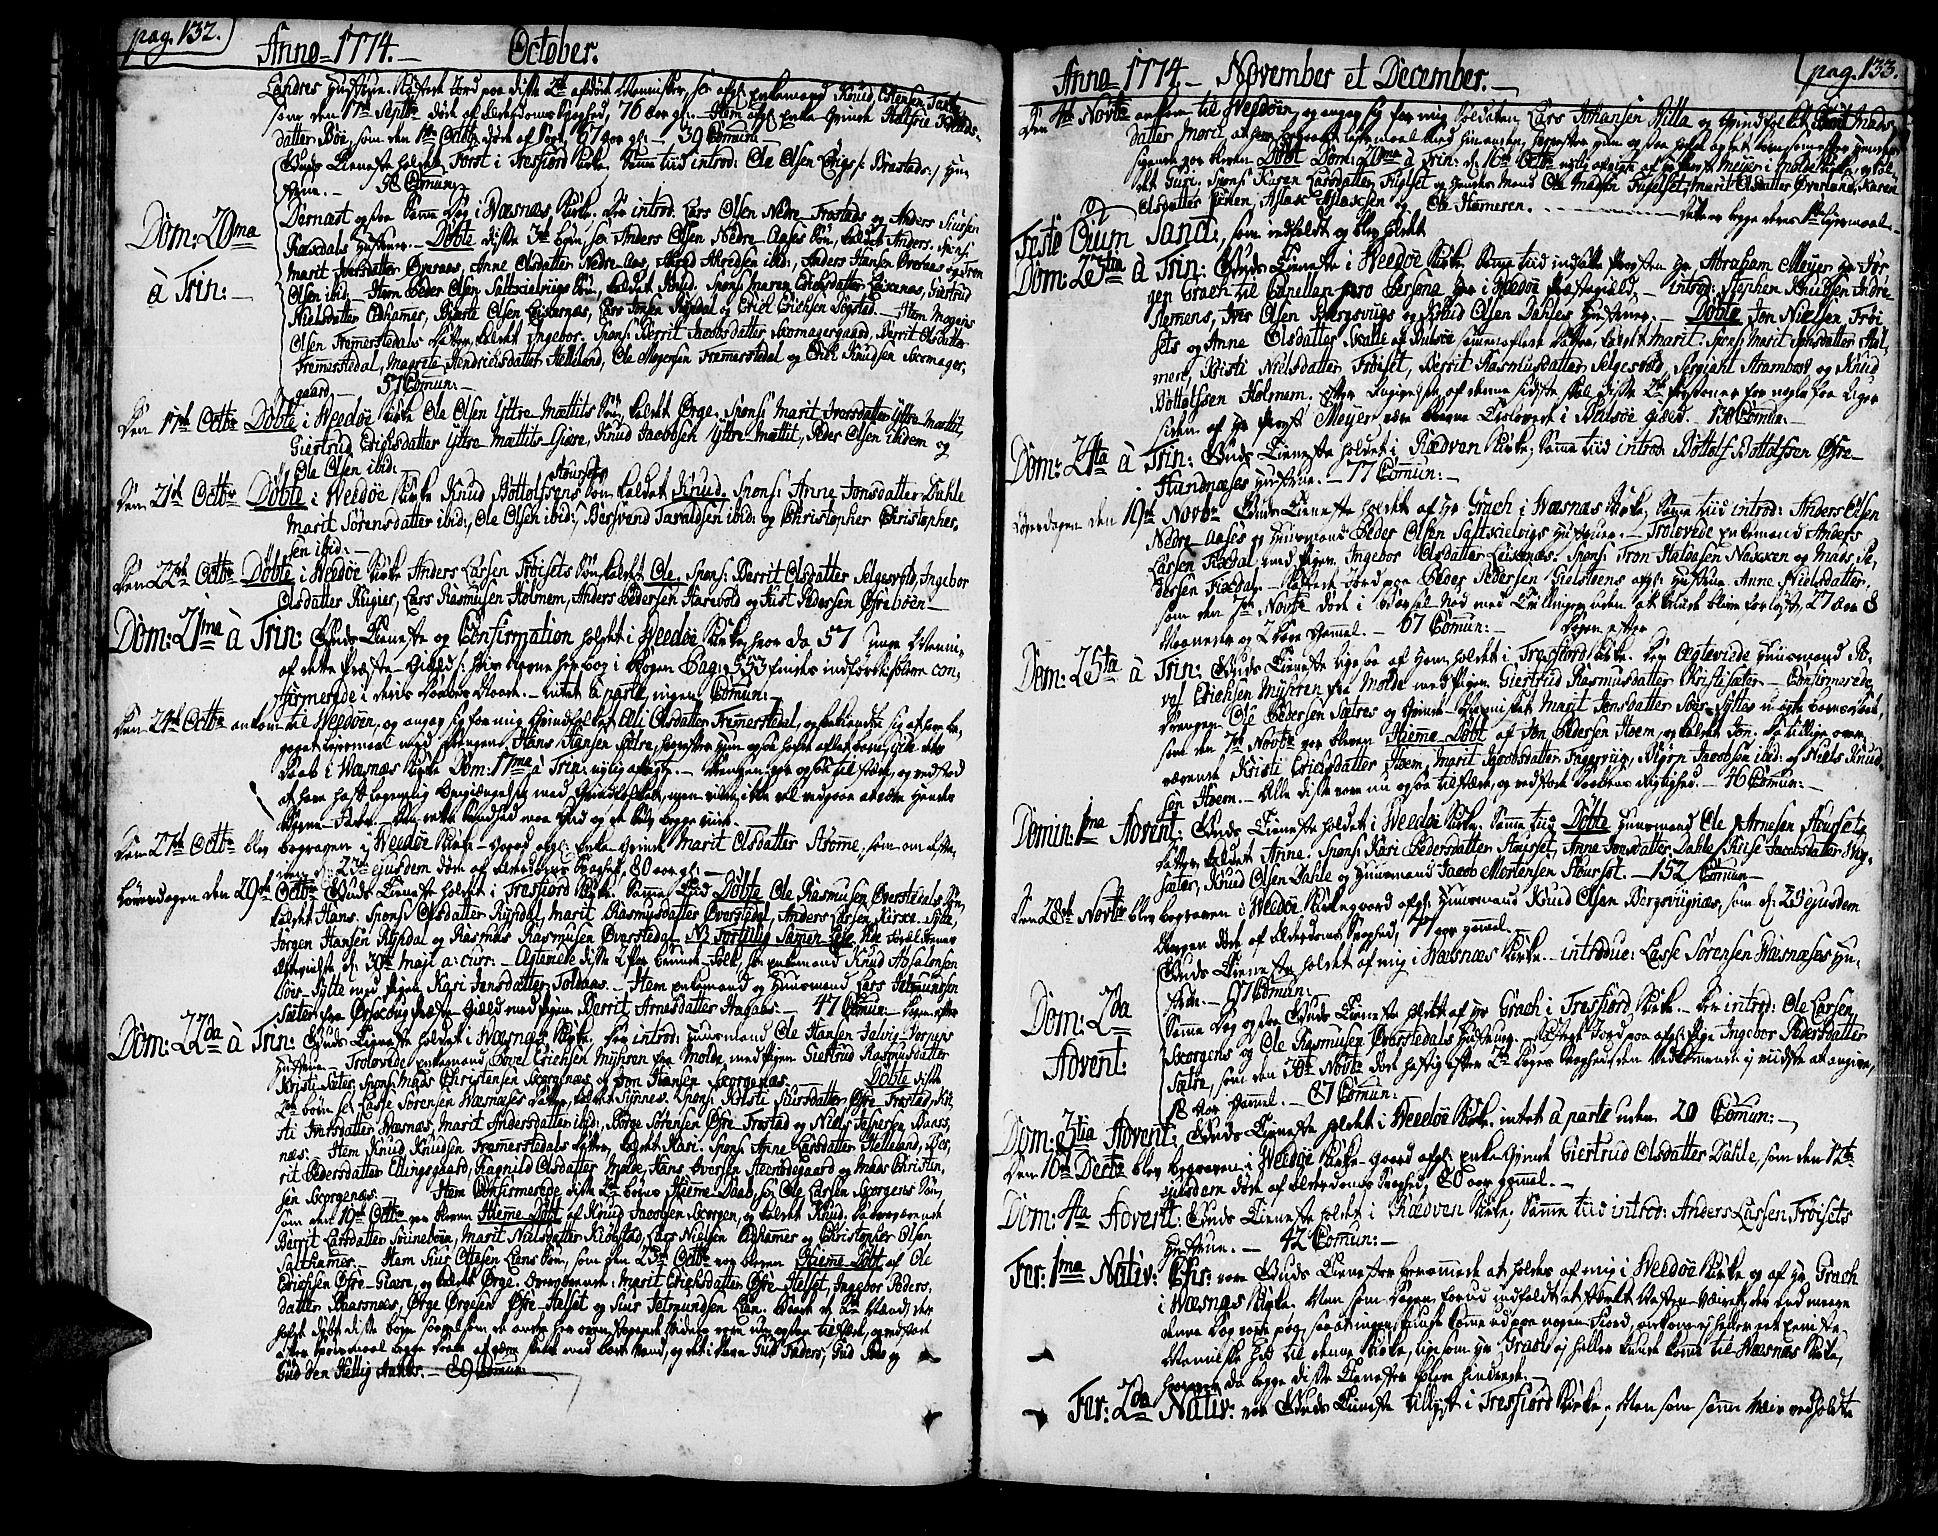 SAT, Ministerialprotokoller, klokkerbøker og fødselsregistre - Møre og Romsdal, 547/L0600: Ministerialbok nr. 547A02, 1765-1799, s. 132-133